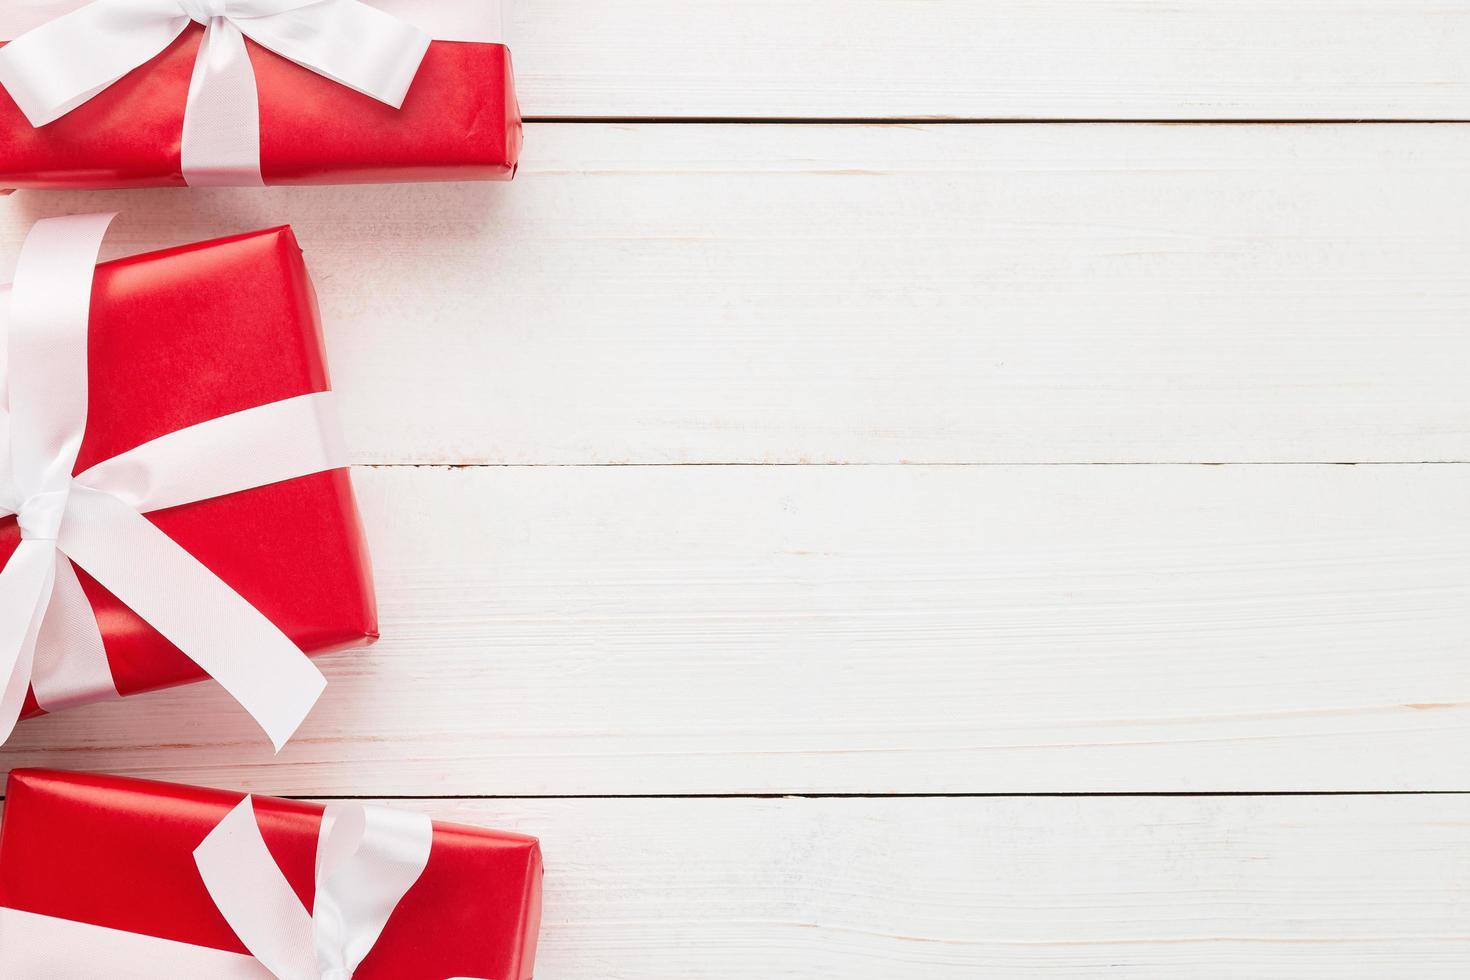 Décoration de coffrets cadeaux rouge Noël sur table en bois blanc photo